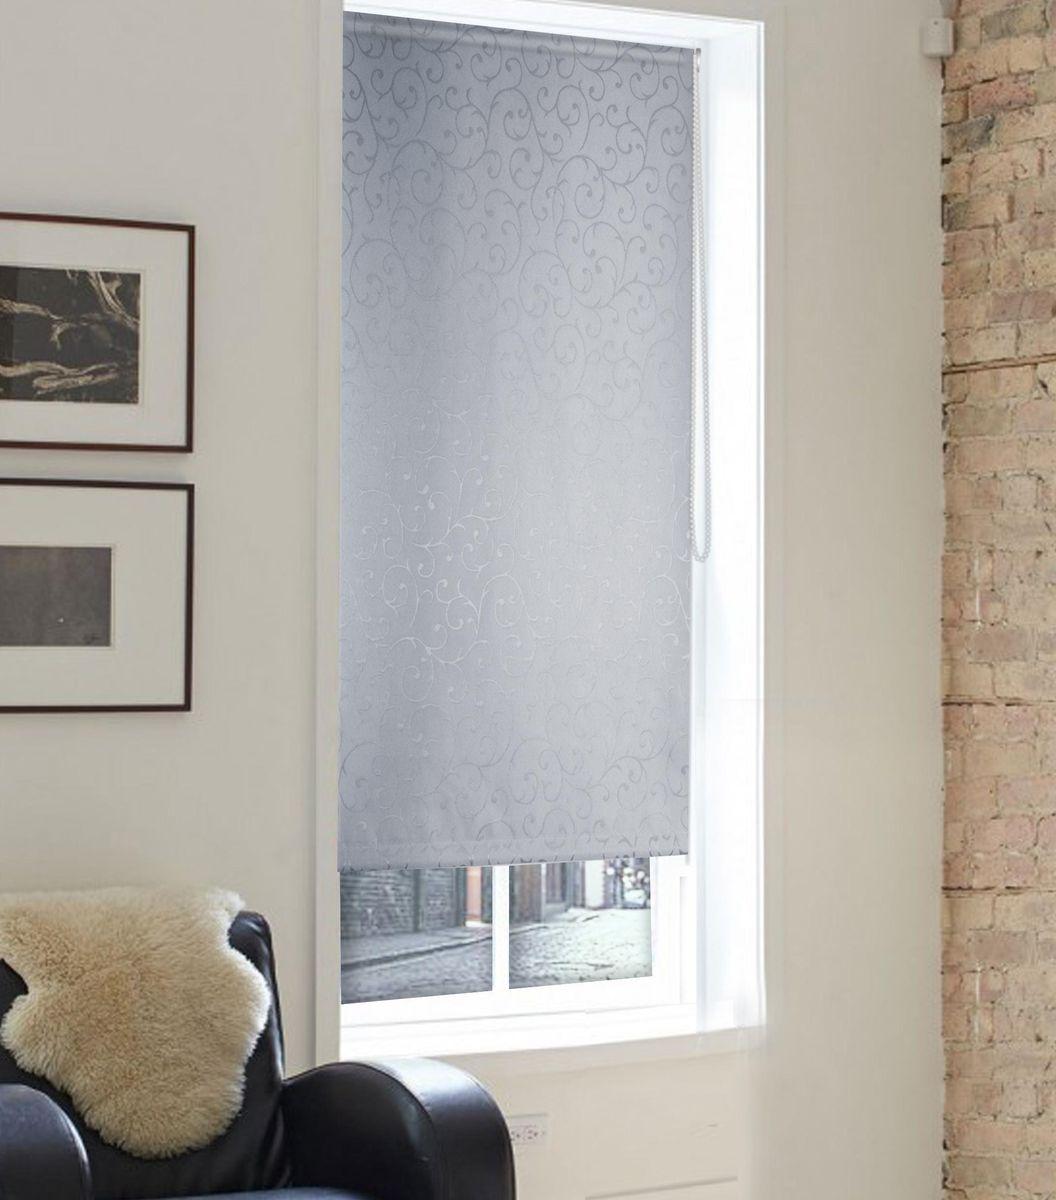 Штора рулонная Эскар Агат, цвет: серый, ширина 150 см, высота 160 см87022150160Рулонными шторами можно оформлять окна как самостоятельно, так и использовать в комбинации с портьерами. Это поможет предотвратить выгорание дорогой ткани на солнце и соединит функционал рулонных с красотой навесных. Преимущества применения рулонных штор для пластиковых окон: - имеют прекрасный внешний вид: многообразие и фактурность материала изделия отлично смотрятся в любом интерьере; - многофункциональны: есть возможность подобрать шторы способные эффективно защитить комнату от солнца, при этом она не будет слишком темной. - Есть возможность осуществить быстрый монтаж. ВНИМАНИЕ! Размеры ширины изделия указаны по ширине ткани! Во время эксплуатации не рекомендуется полностью разматывать рулон, чтобы не оторвать ткань от намоточного вала. В случае загрязнения поверхности ткани, чистку шторы проводят одним из способов, в зависимости от типа загрязнения: легкое поверхностное загрязнение можно удалить при...